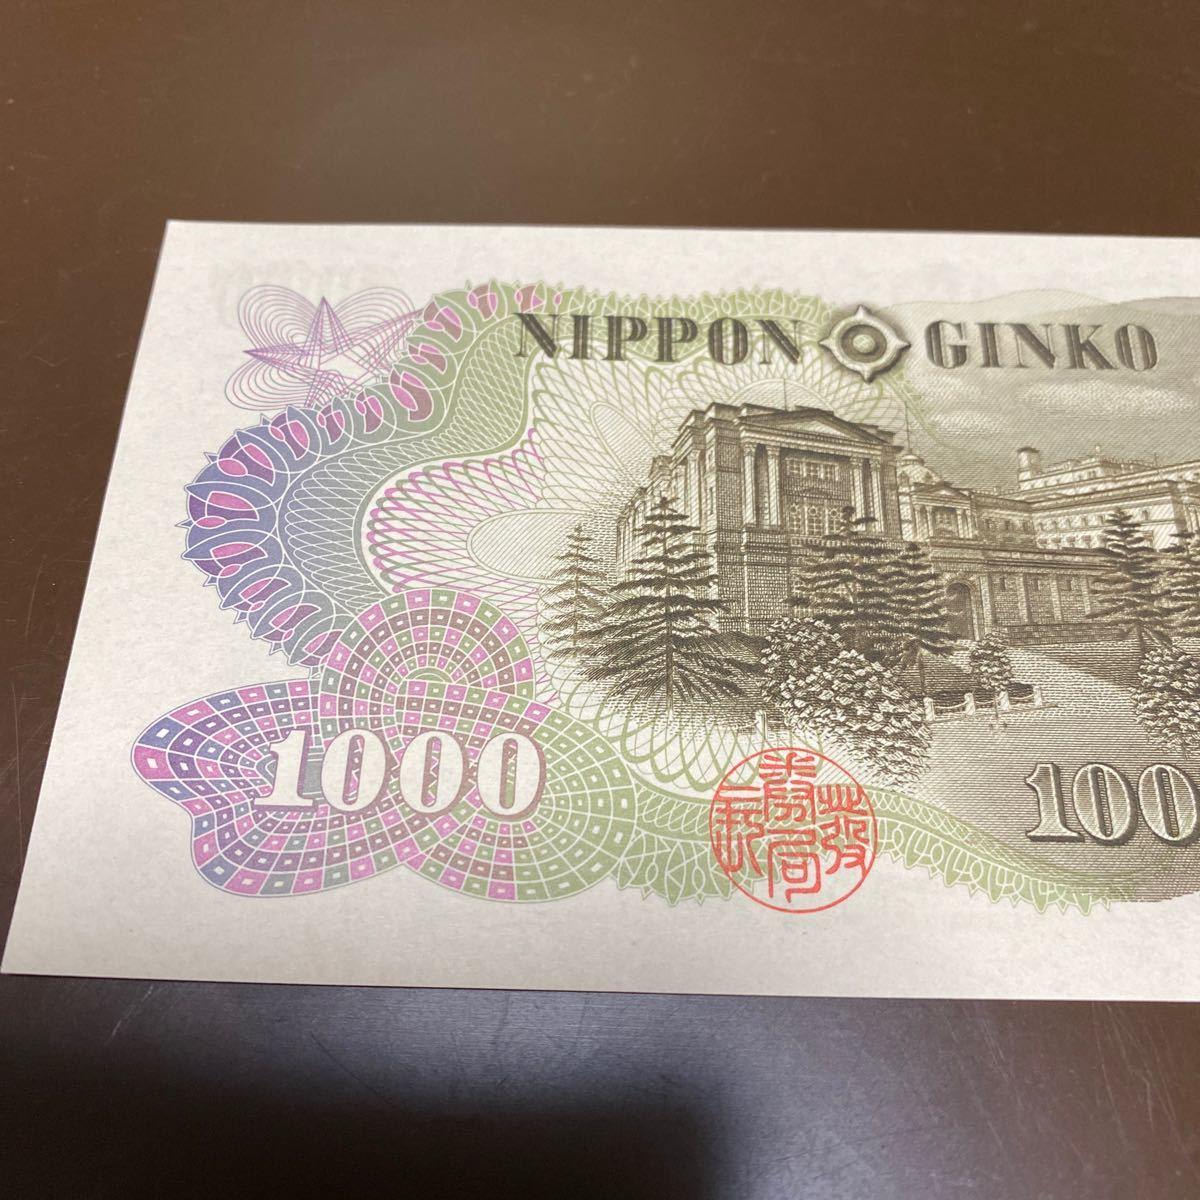 伊藤博文 1000円札 h_画像8